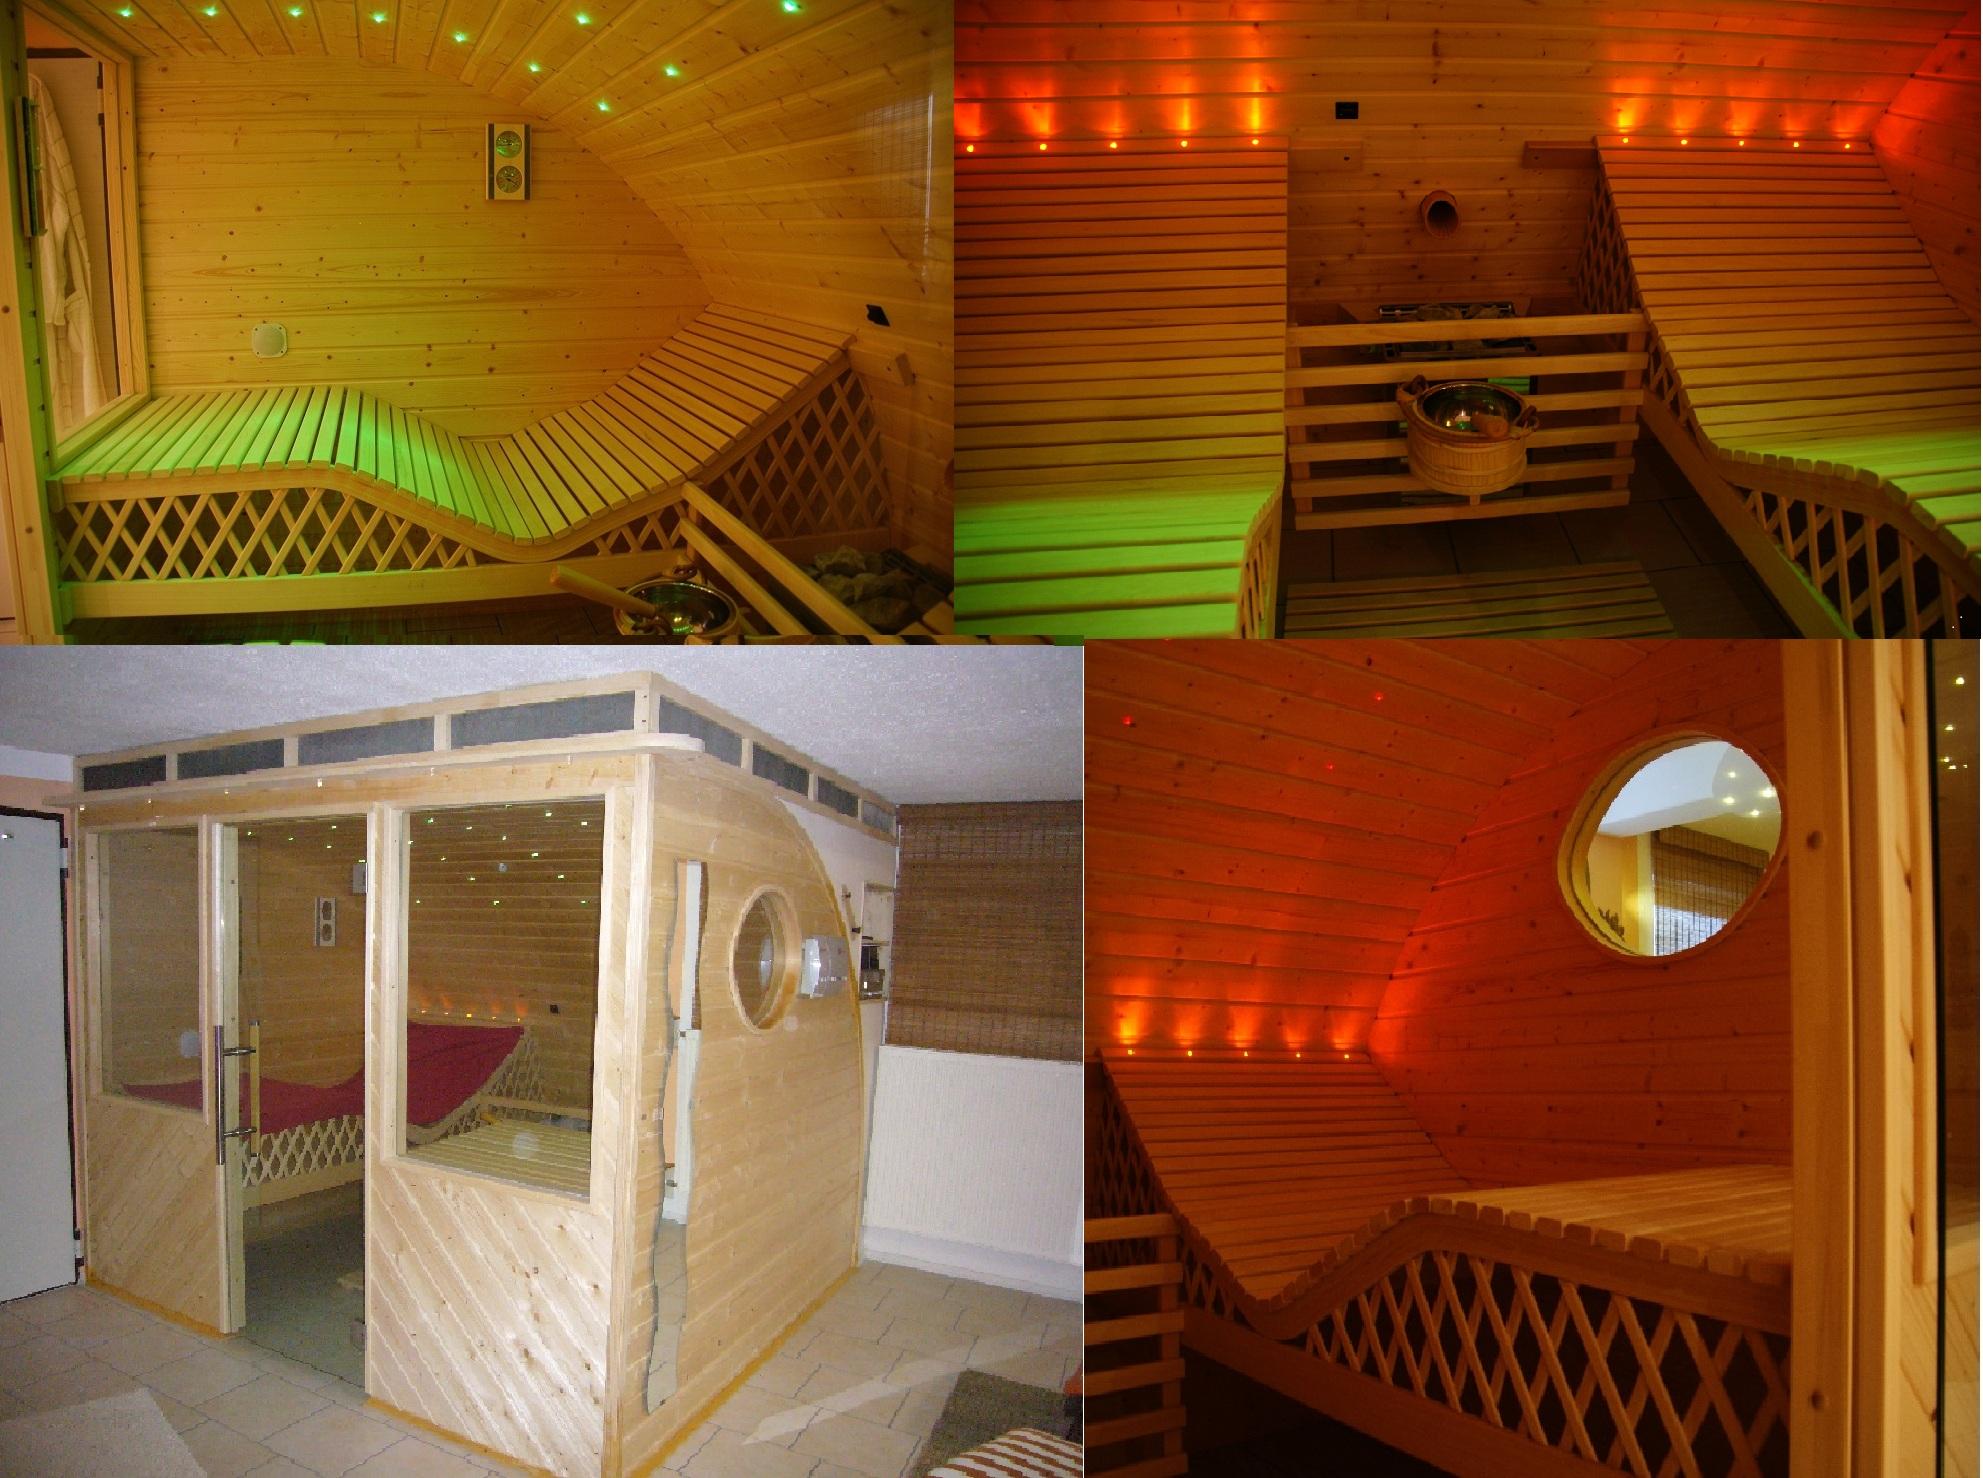 Großartig Sauna selber bauen - Ist das möglich/sinnvoll? =- JS92